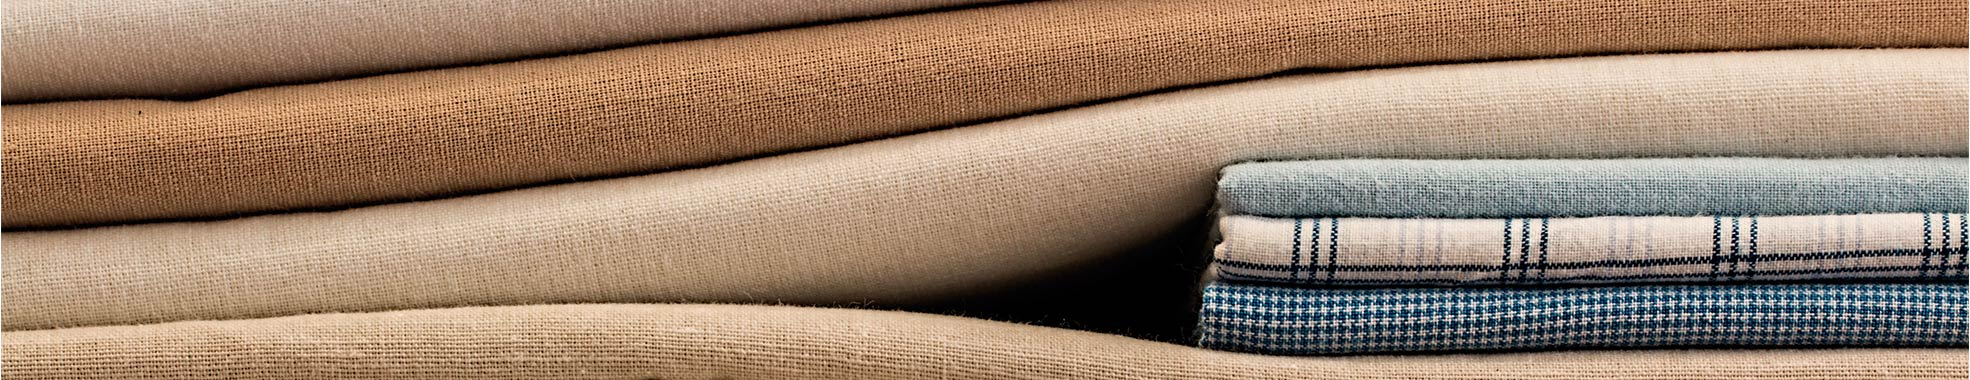 Imagen de mejora la calidad de tus instalaciones de lavandería y plancha industrial con Tecnobar